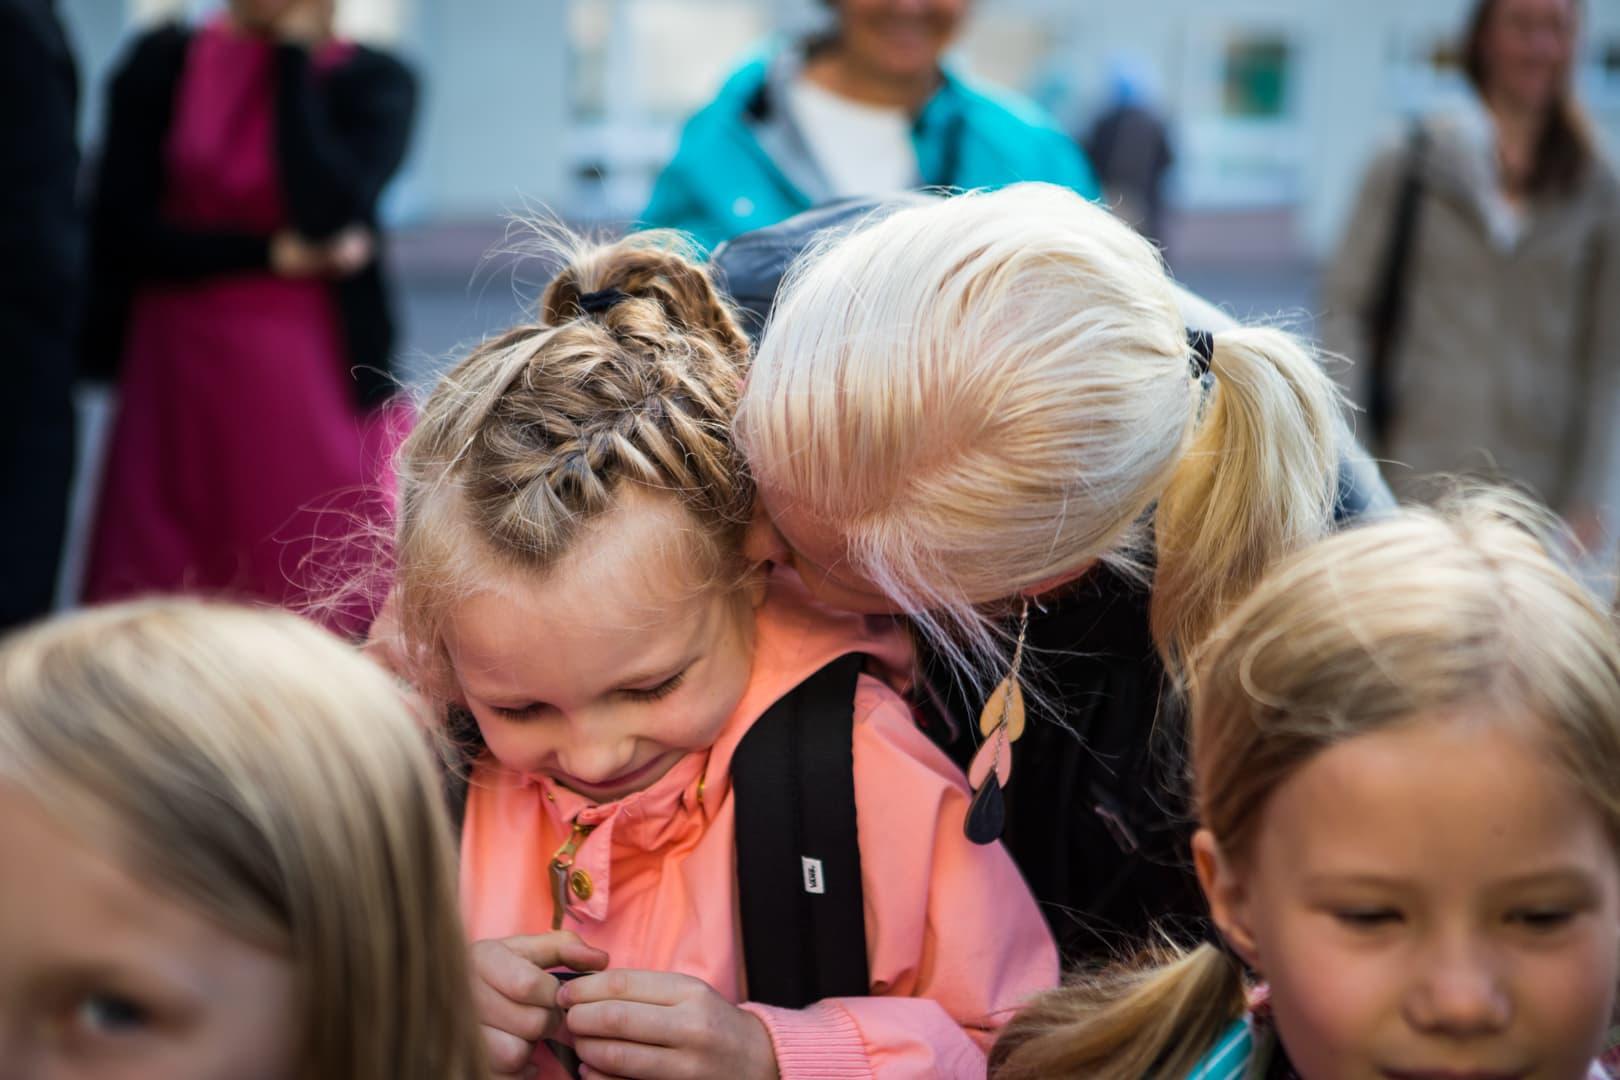 Matilda Salmi aloittaa koulunkäynnin tänään. Äiti Emilia Salmi sanoo vielä tunteelliset heipat.